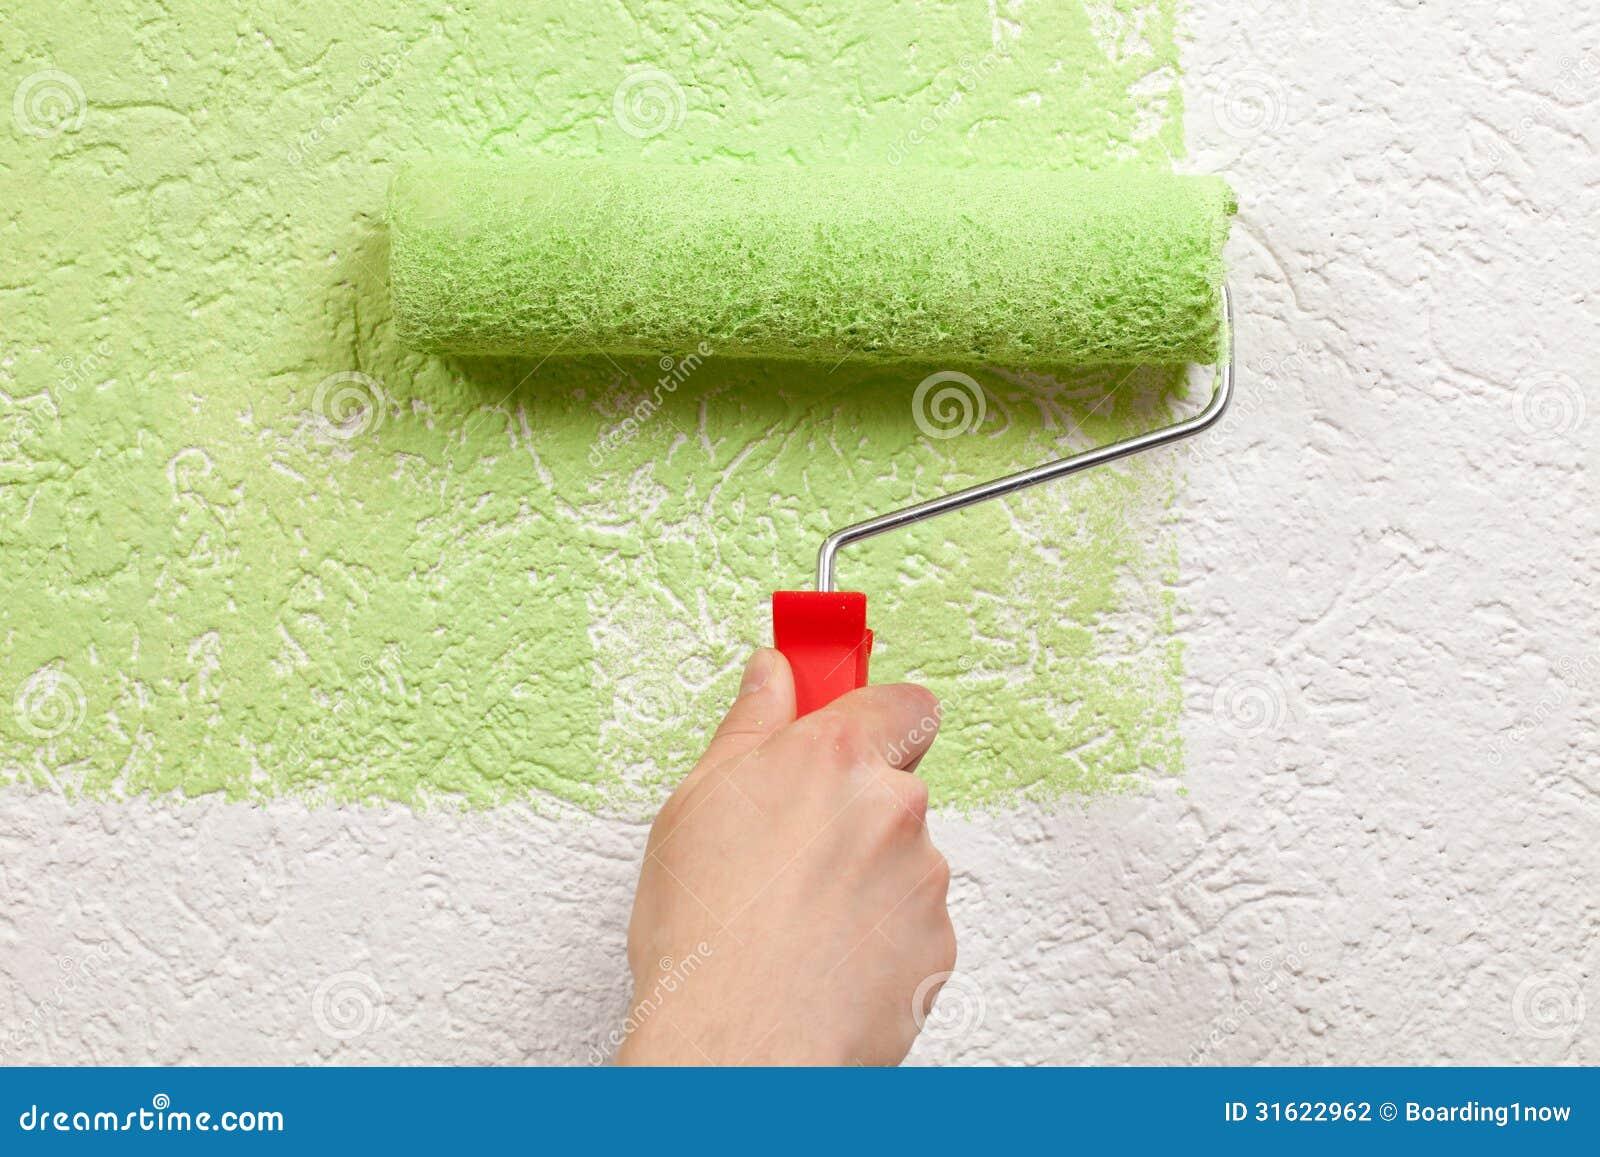 O pintor pinta uma parede com um rolo de pintura